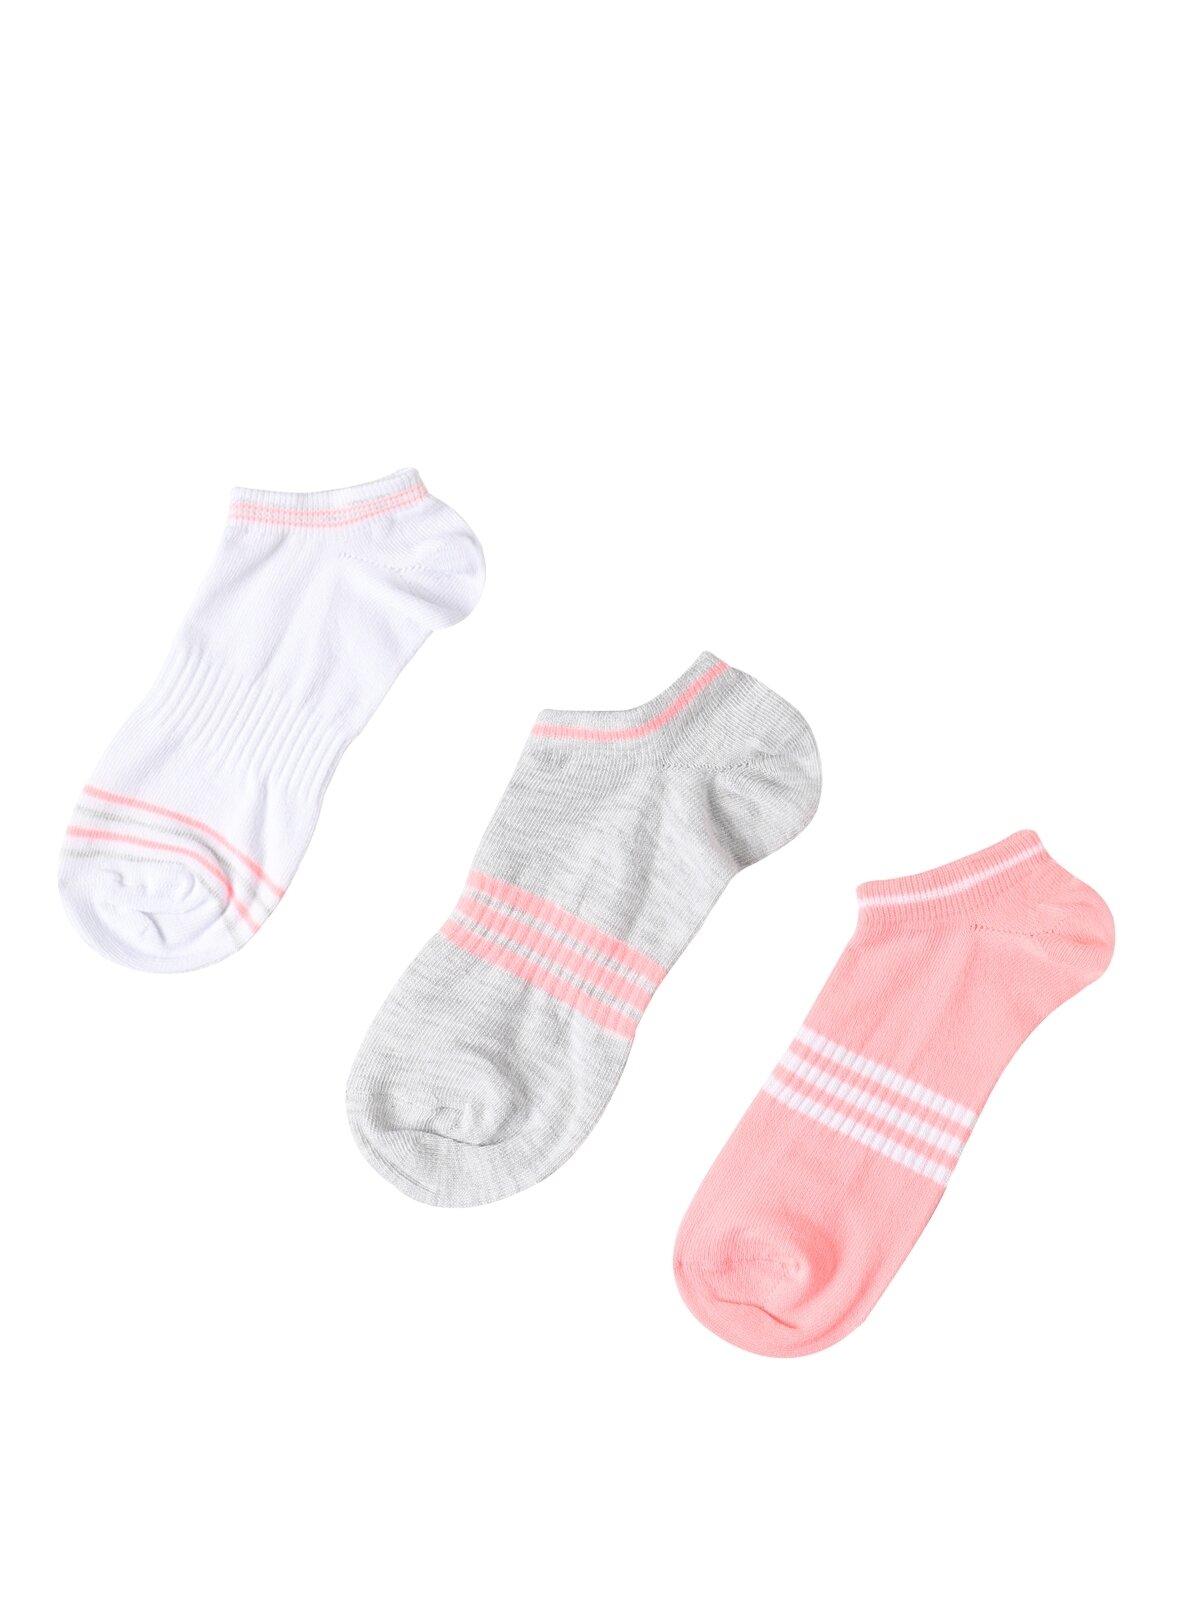 Baskılı Çok Renkli Kadın Çorap